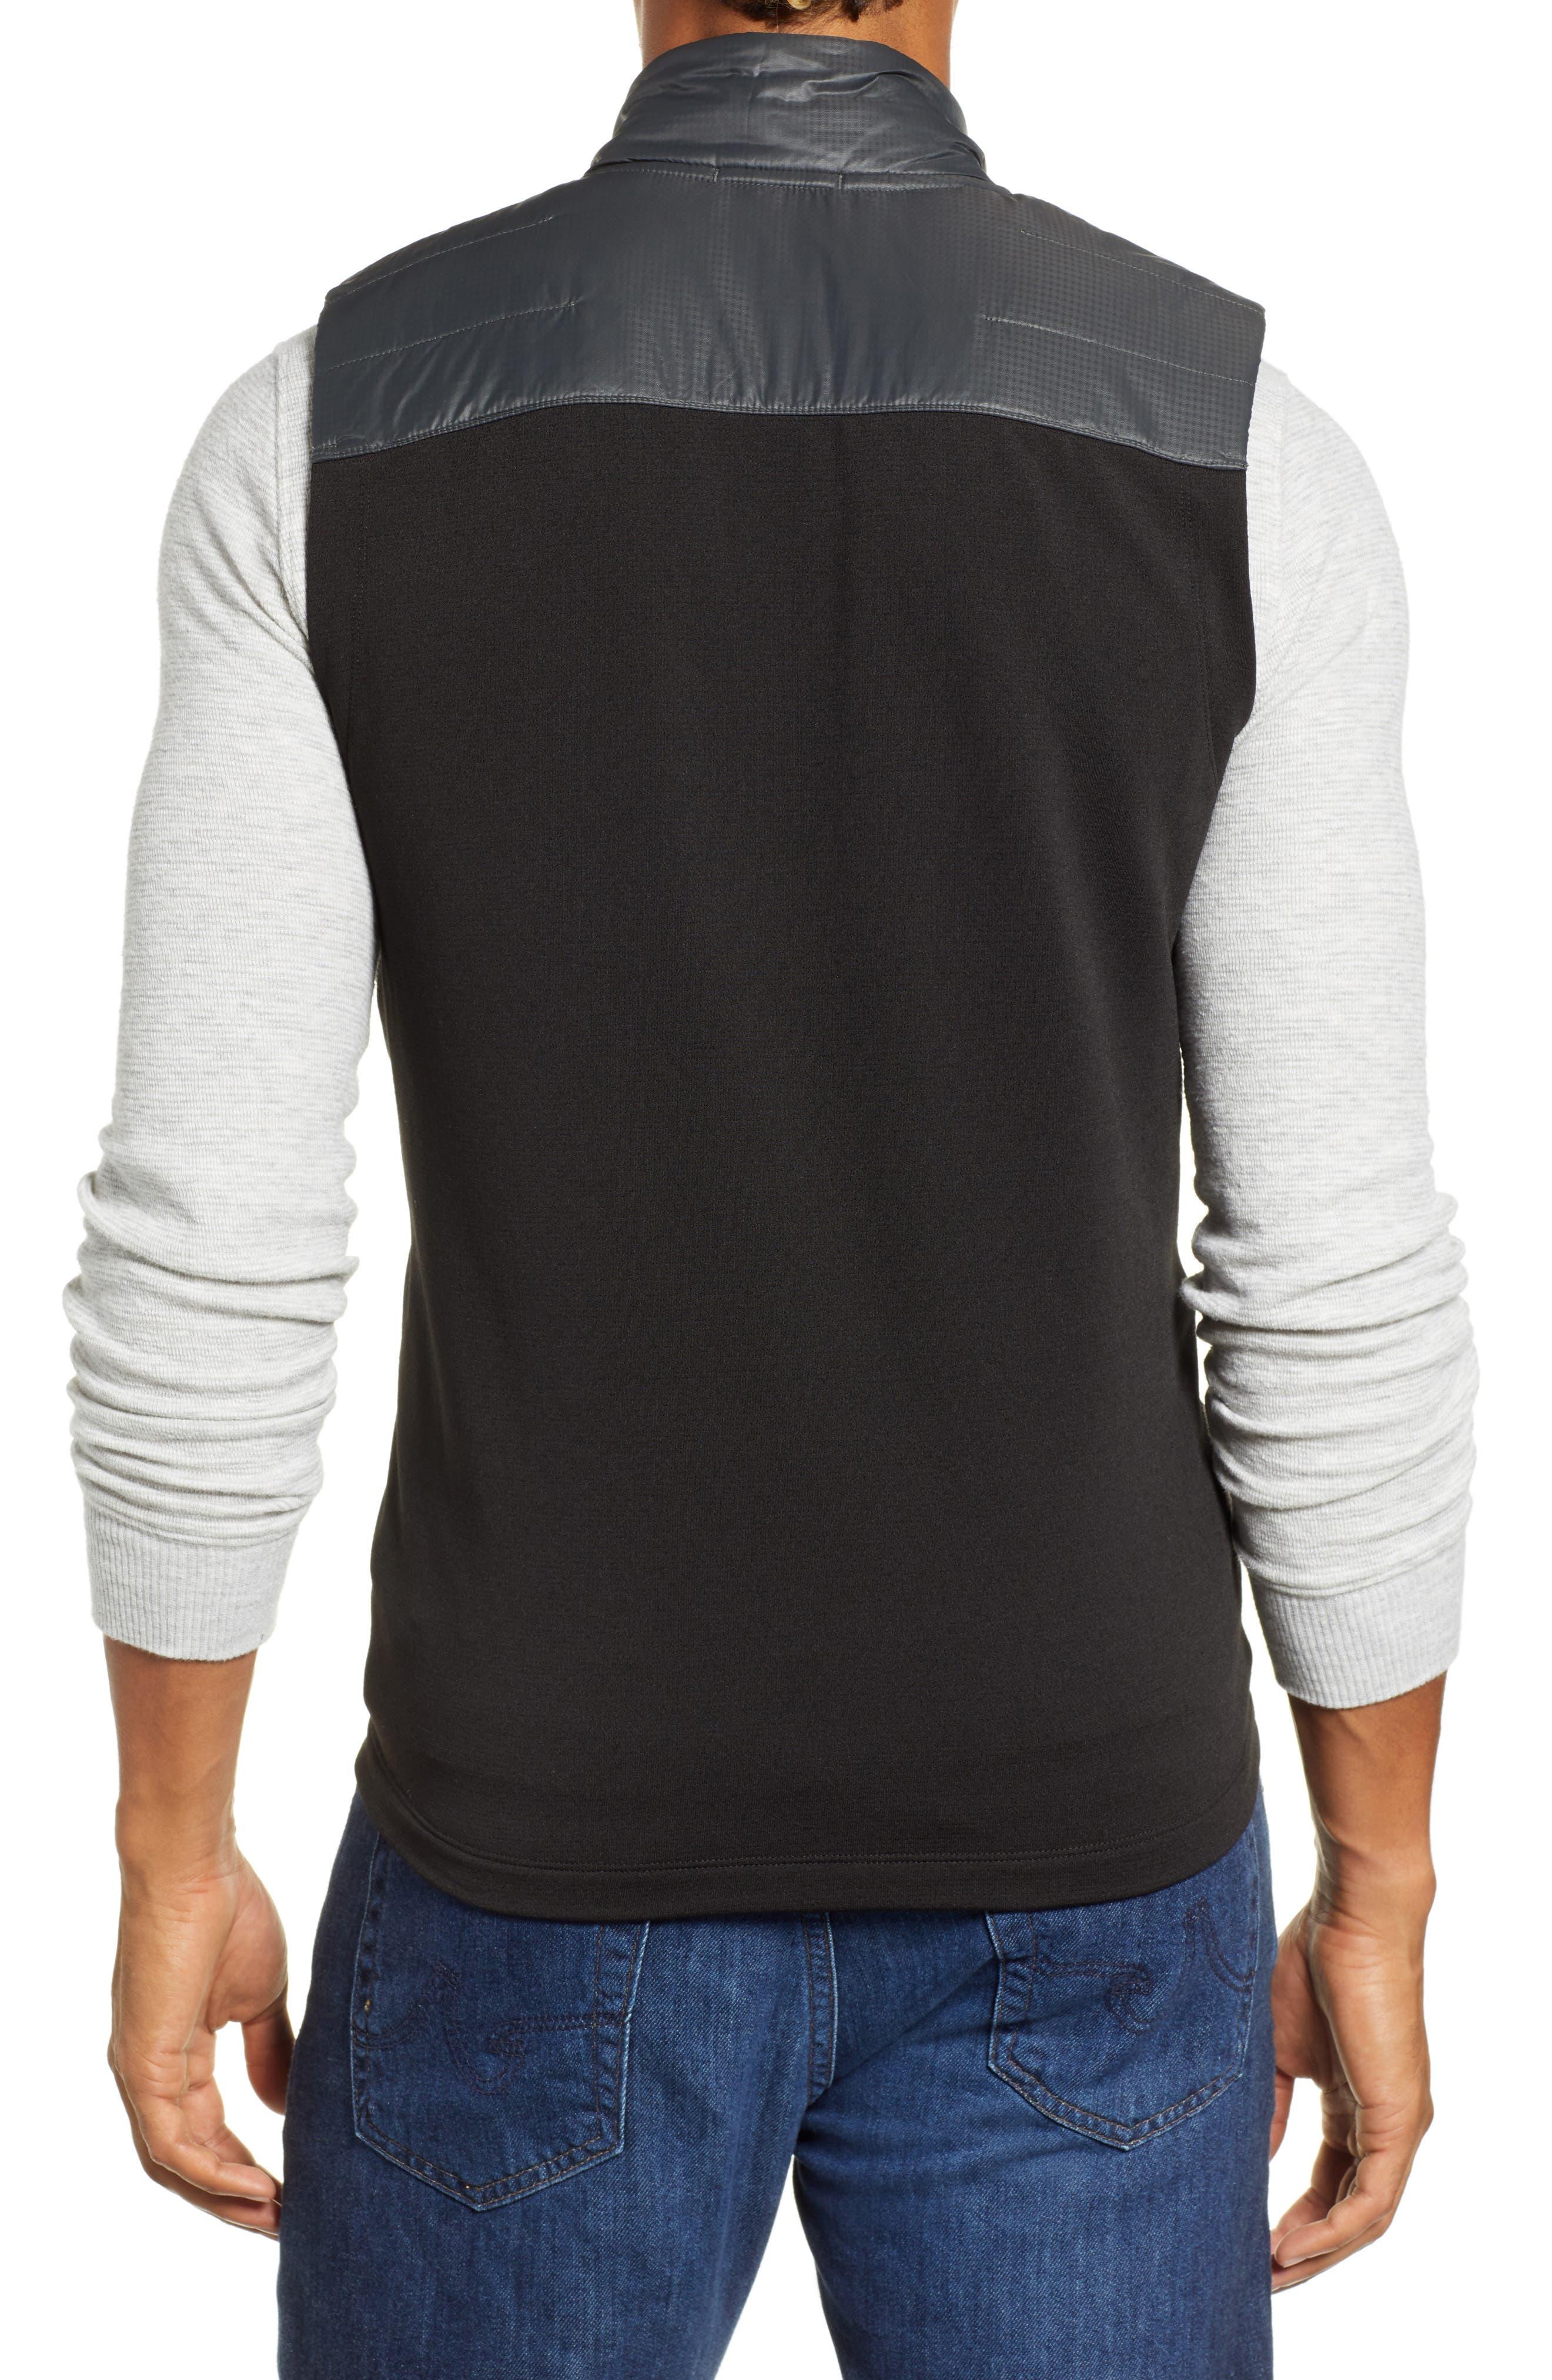 SmartLoft 60 Vest,                             Alternate thumbnail 2, color,                             GRAPHITE